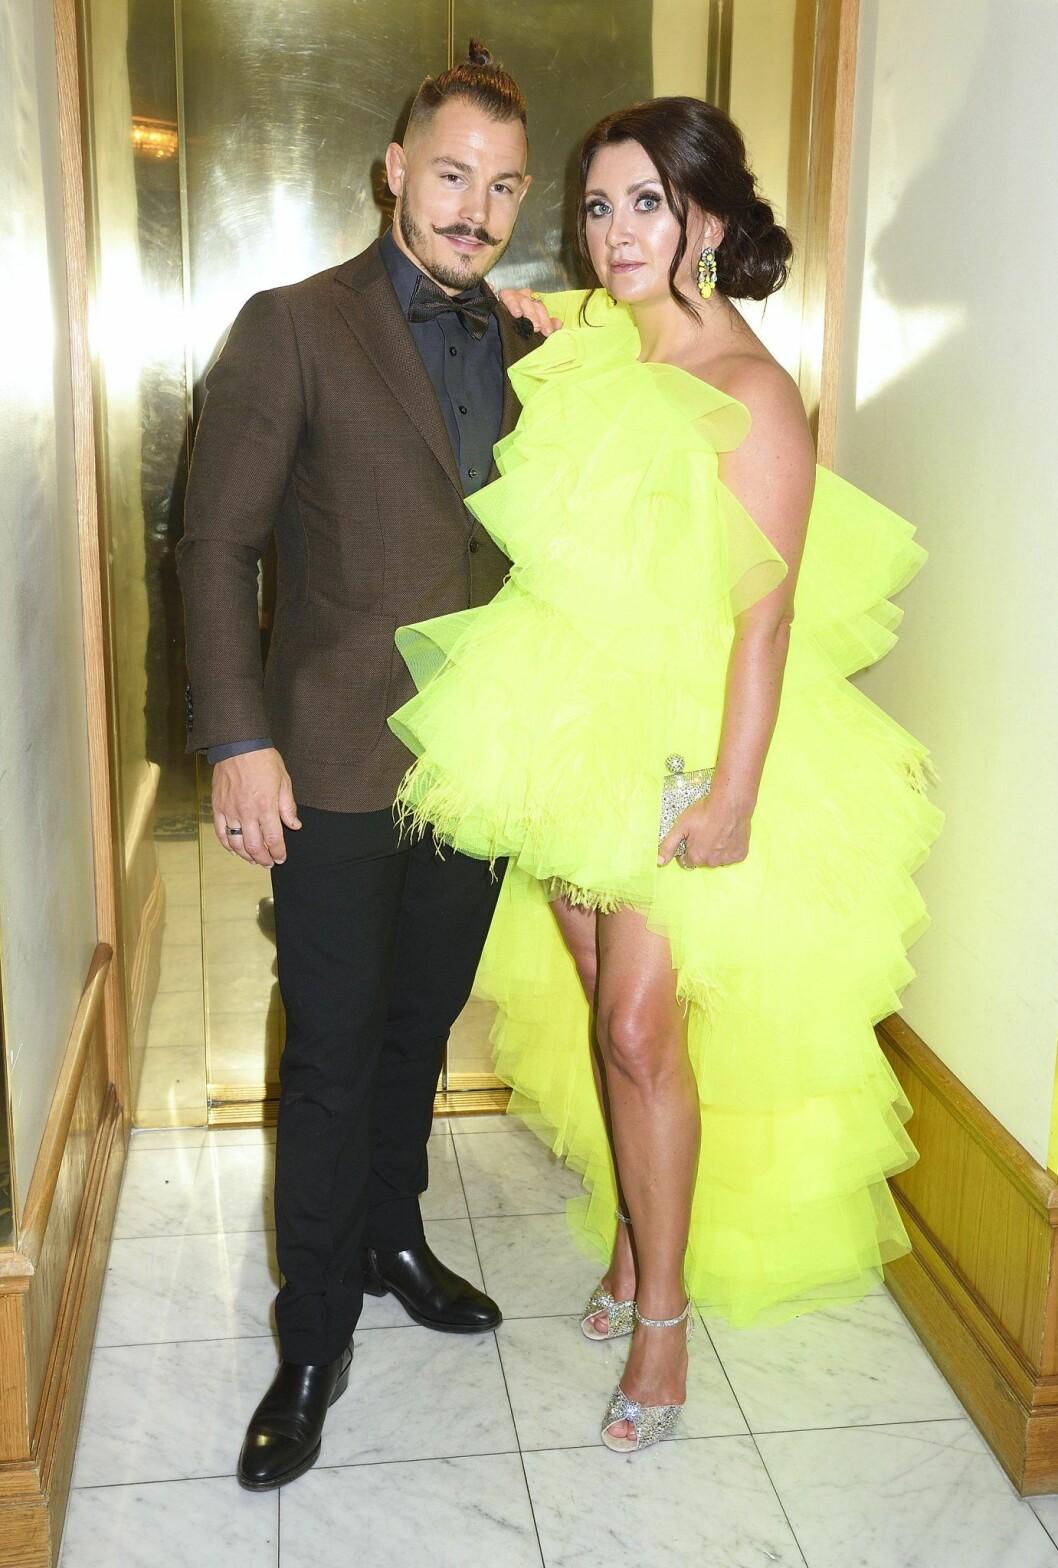 Succéparet Simon Sköld och Camilla Läckberg var snygga på Elle-galan.